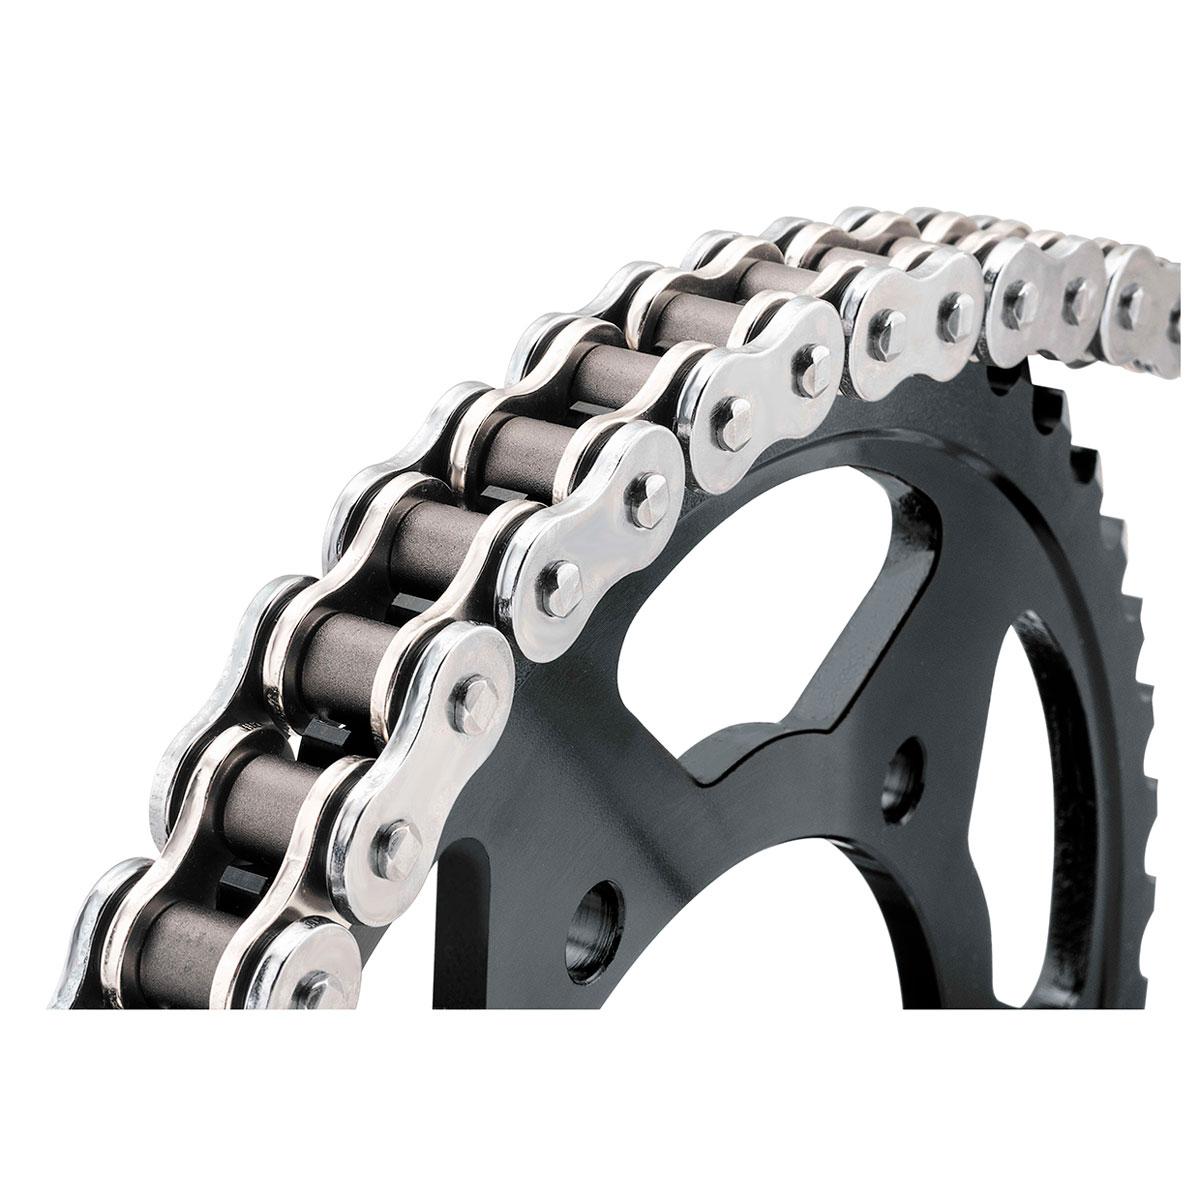 BikeMaster 530 BMXR X-Ring Chain Chrome/Chrome